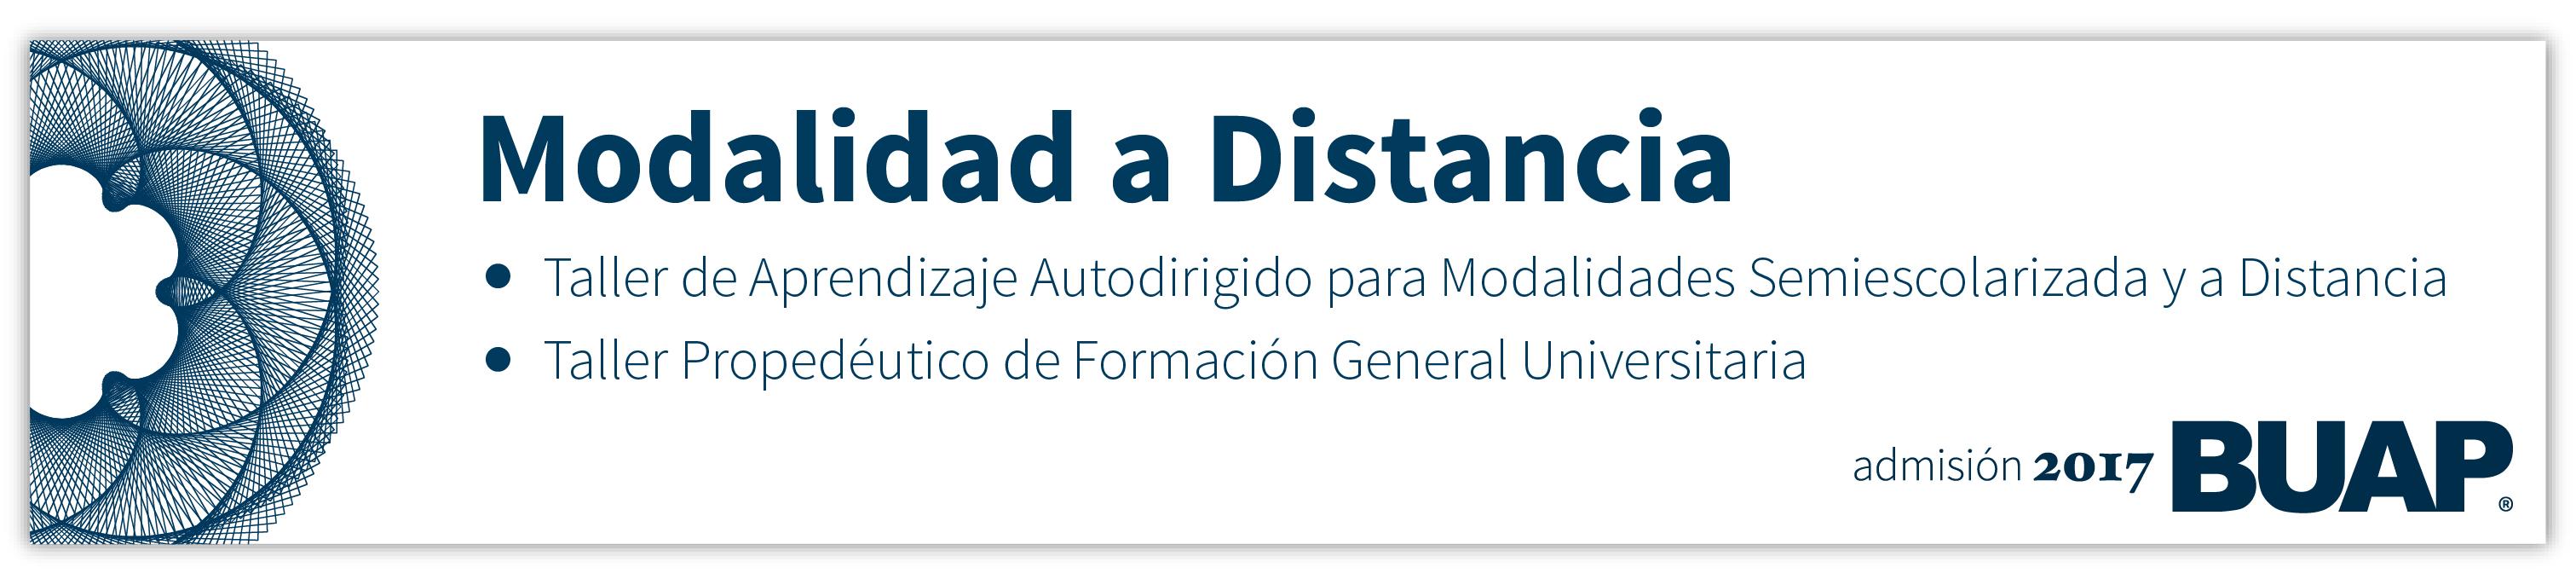 Banner: Taller de Aprendizaje Autodirigido para Modalidades Semiescolarizada y a Distancia